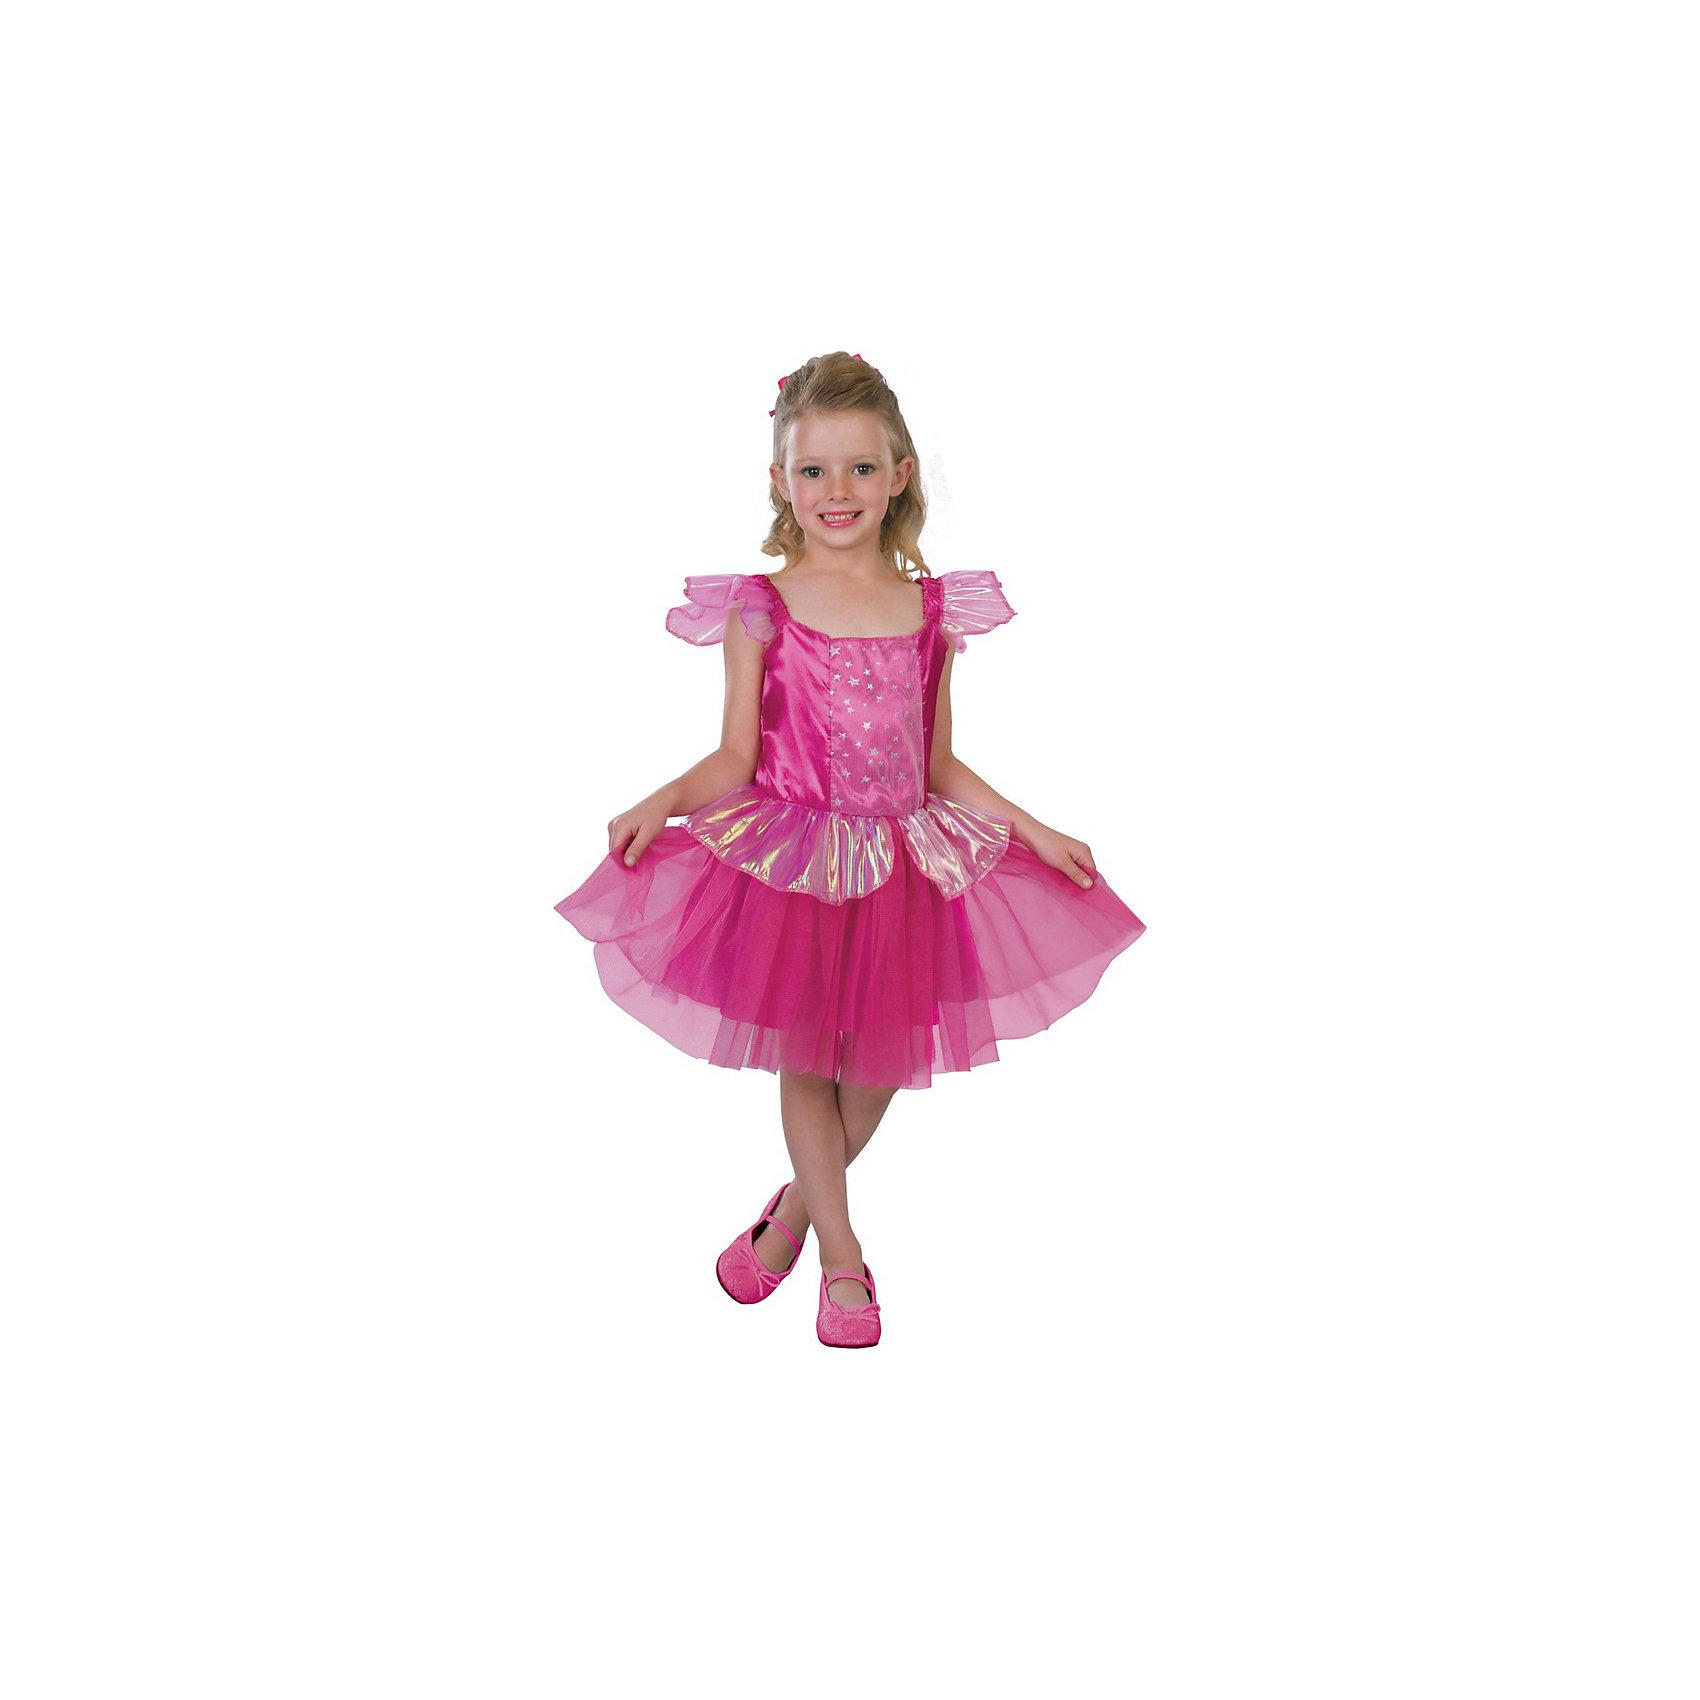 Magic Time Маскарадный костюм для девочки Добрая фея, 6-8  лет skm100gal12t4 skm75gal12t4 skm50gal12t4 skm145gal12t4